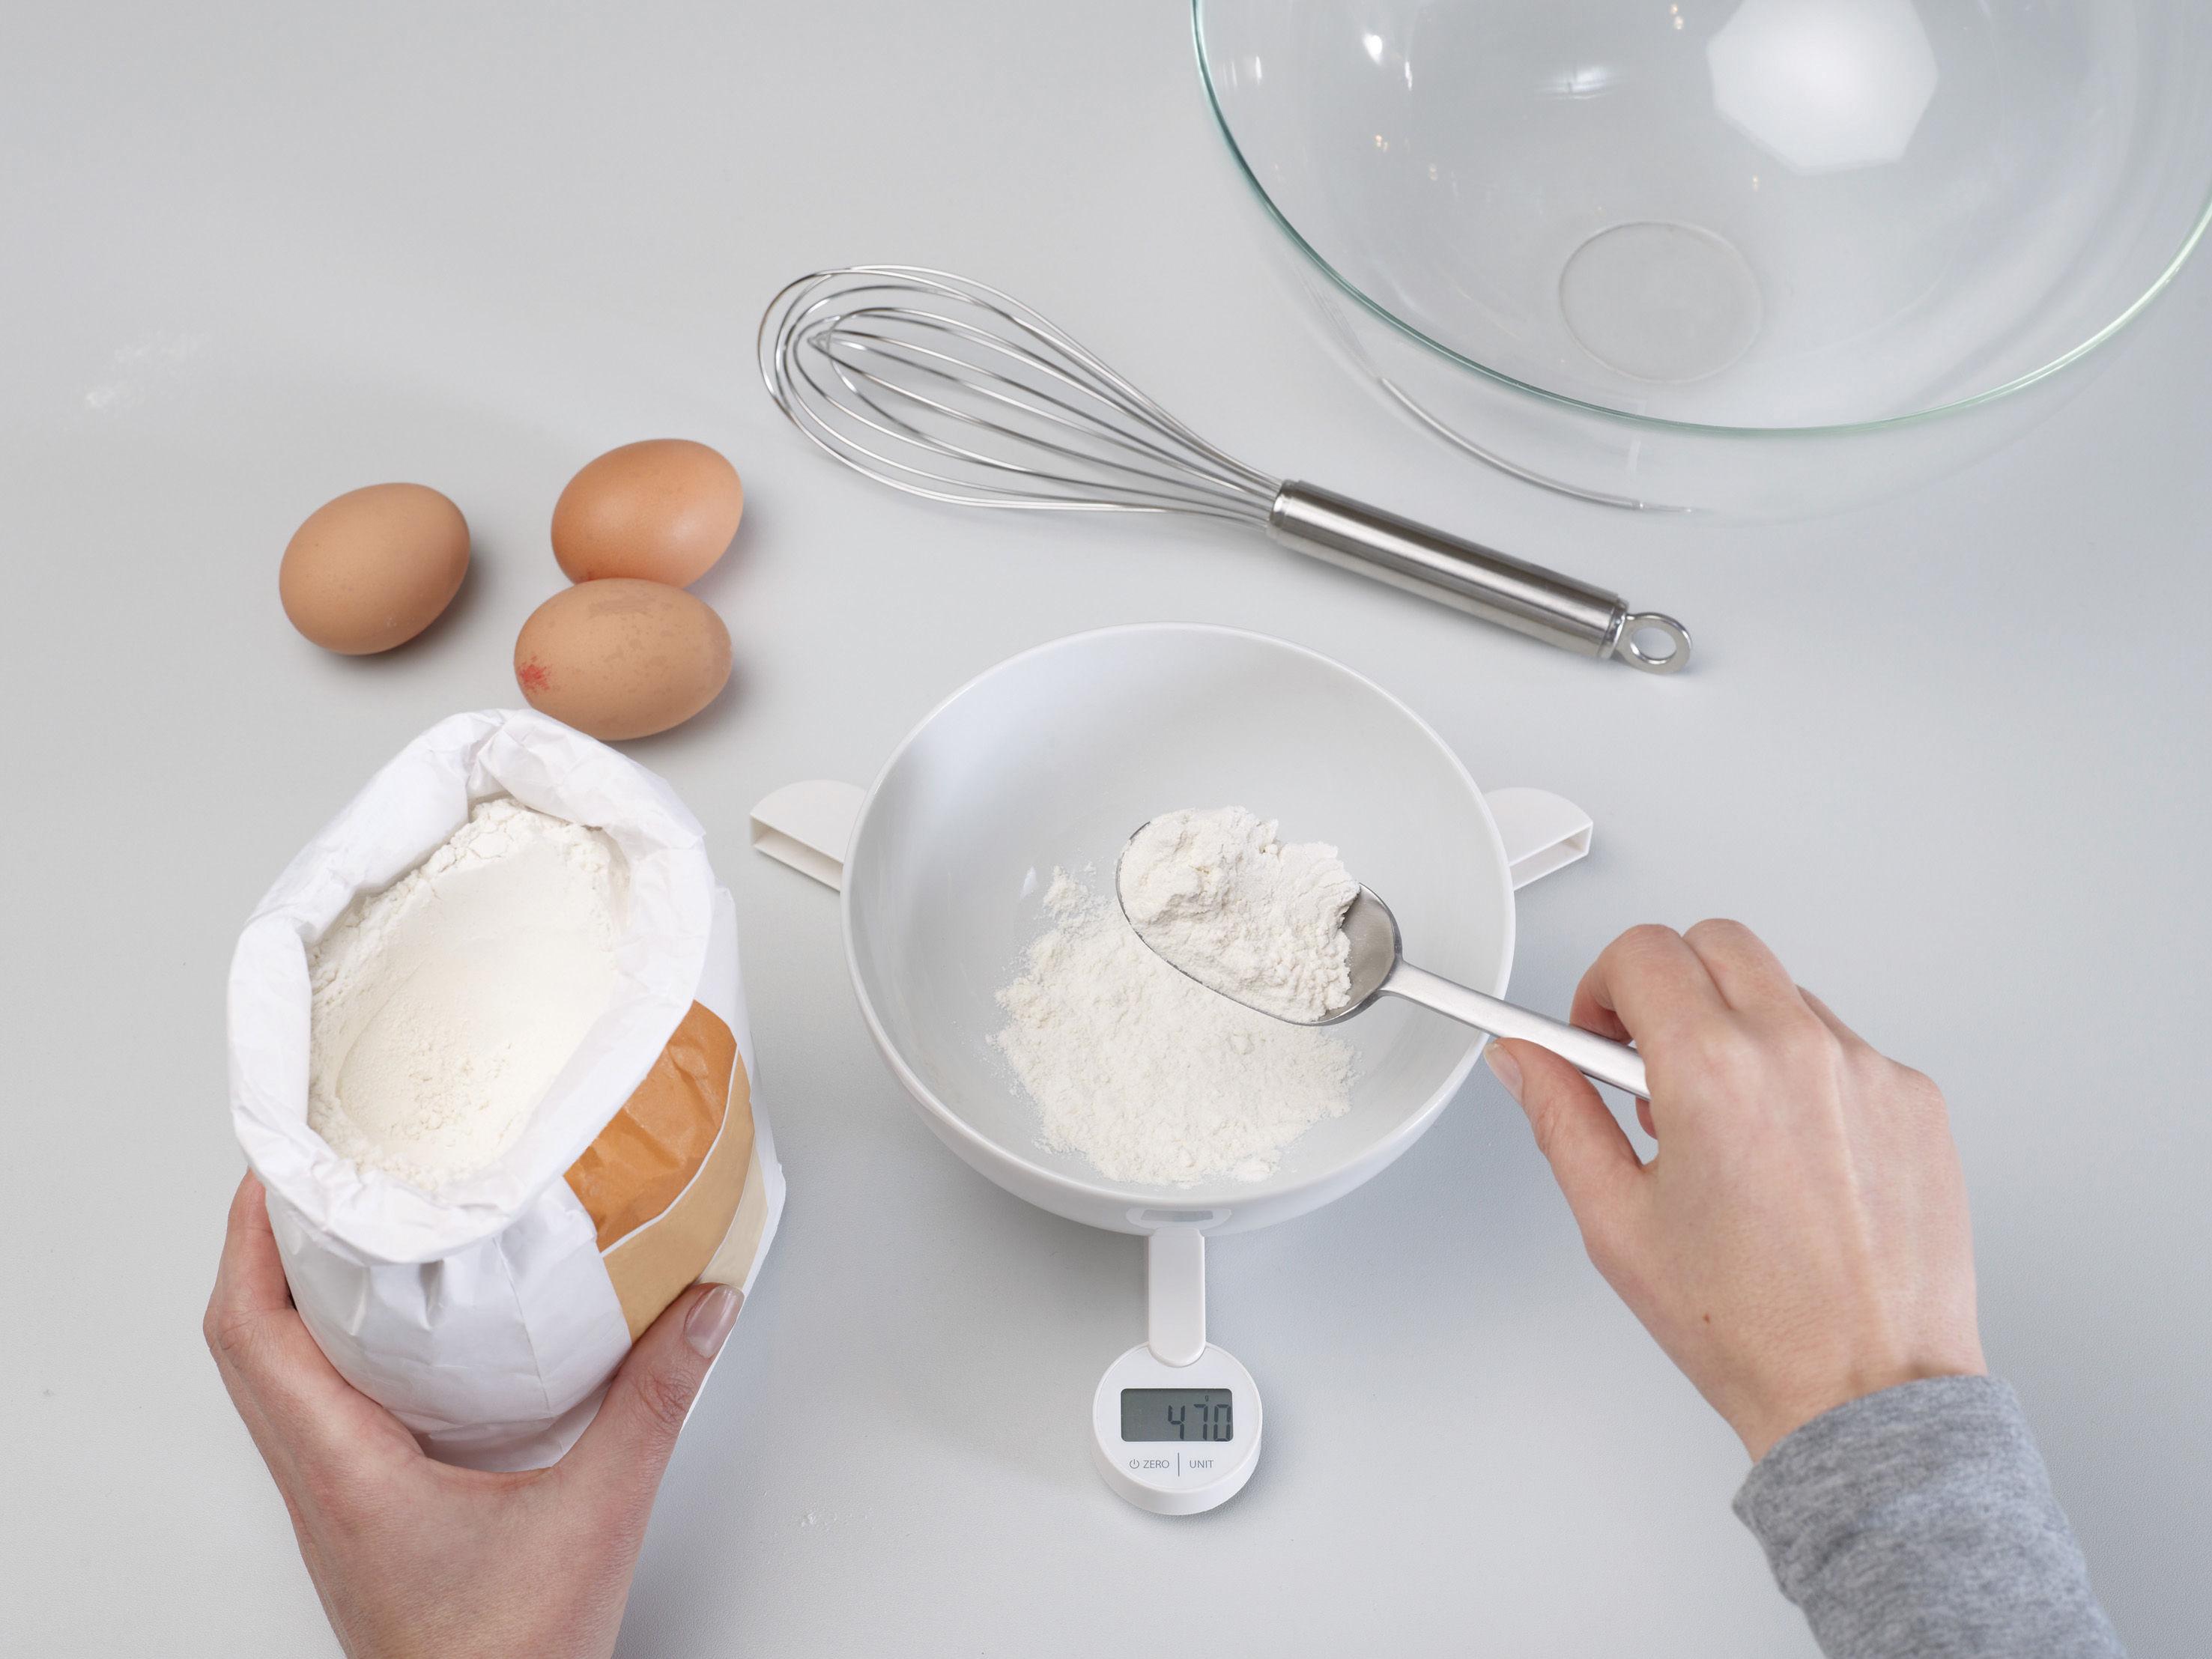 Balance de cuisine lectronique triscale pliable blanc joseph joseph - Koziol balances ...